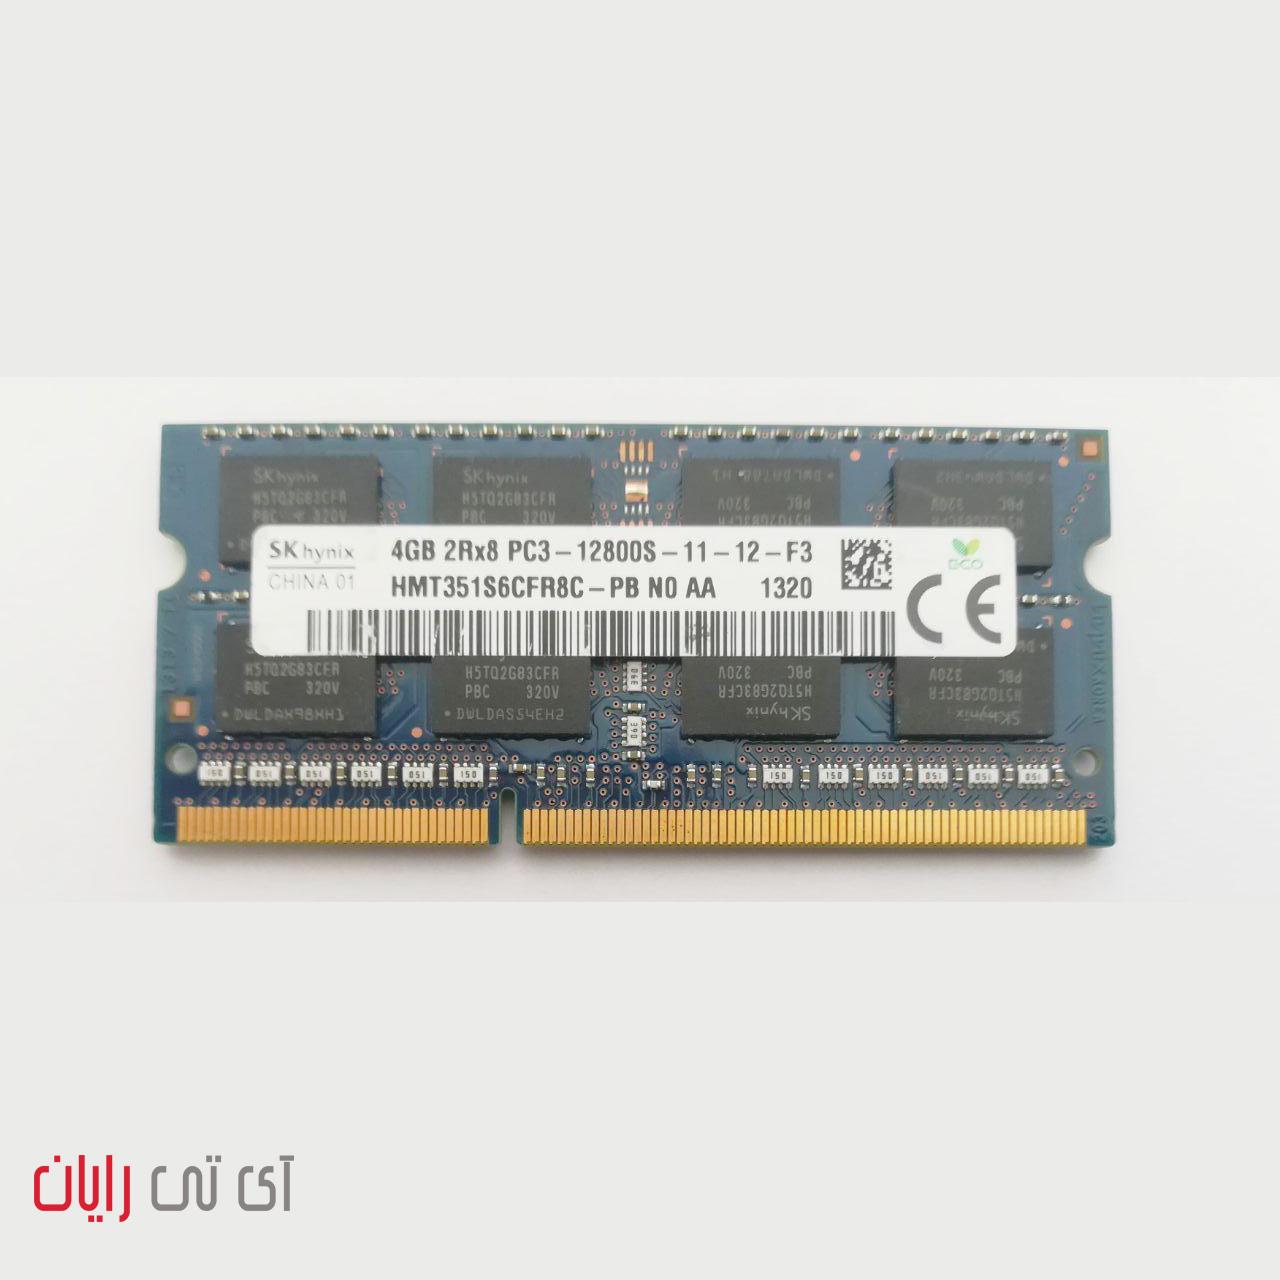 SK Hynix 4GB 2Rx8 PC3-12800S